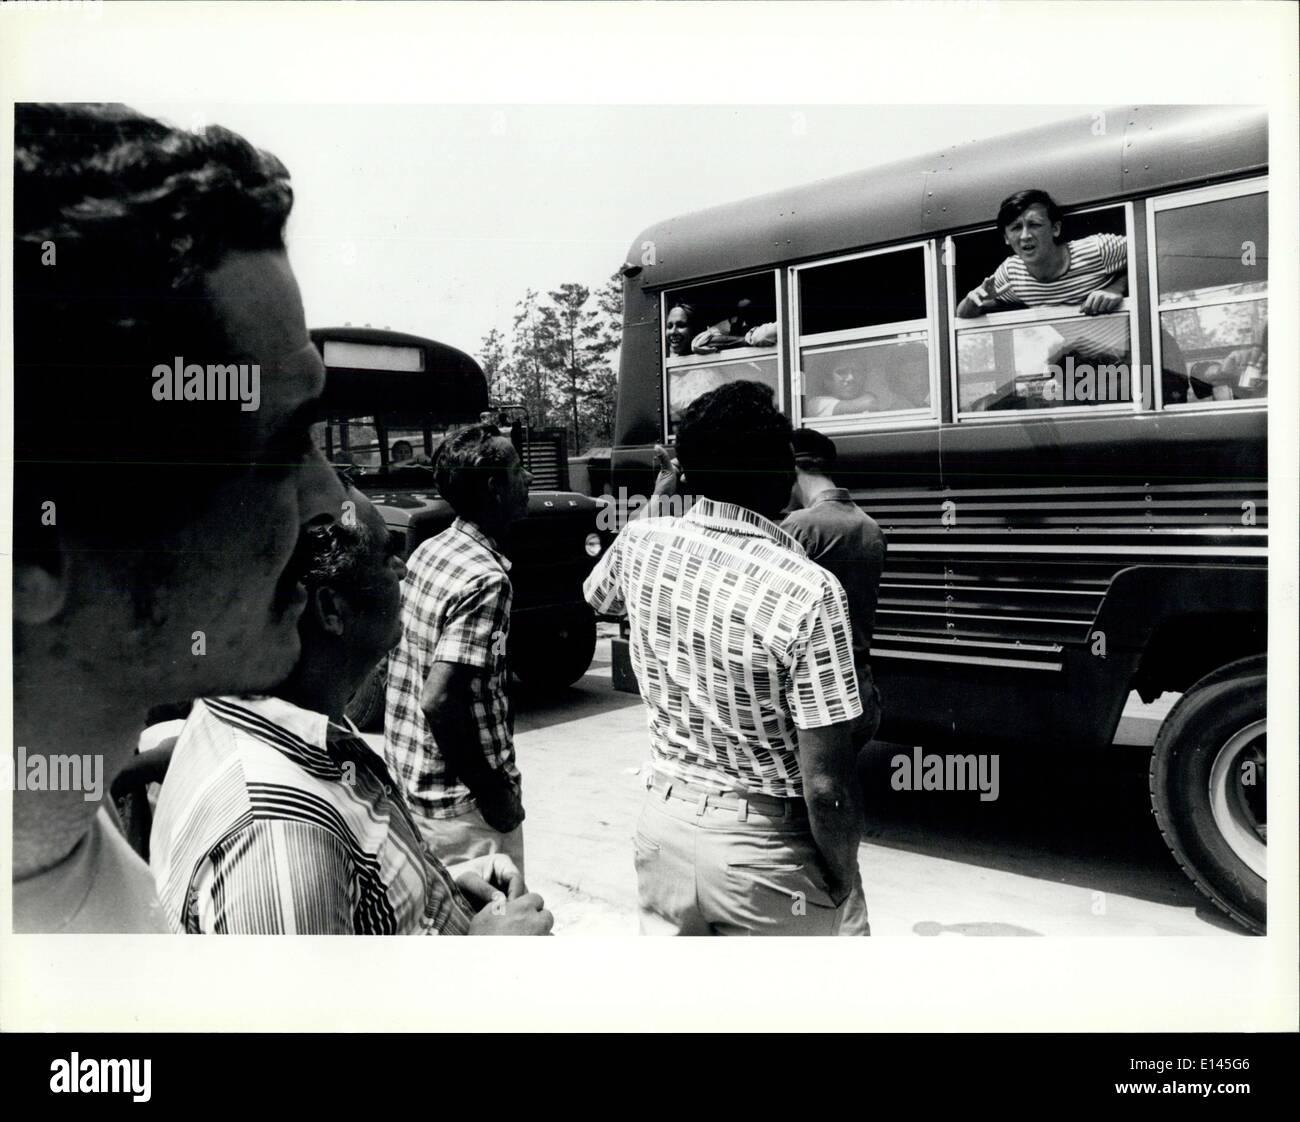 Avril 04, 2012 - Nouveau arrivant à parler des réfugiés cubains réfugiés déjà traitées à la tente dans la ville Fort Walton Beach fairgrounds/Base aérienne d'Eglin. Banque D'Images